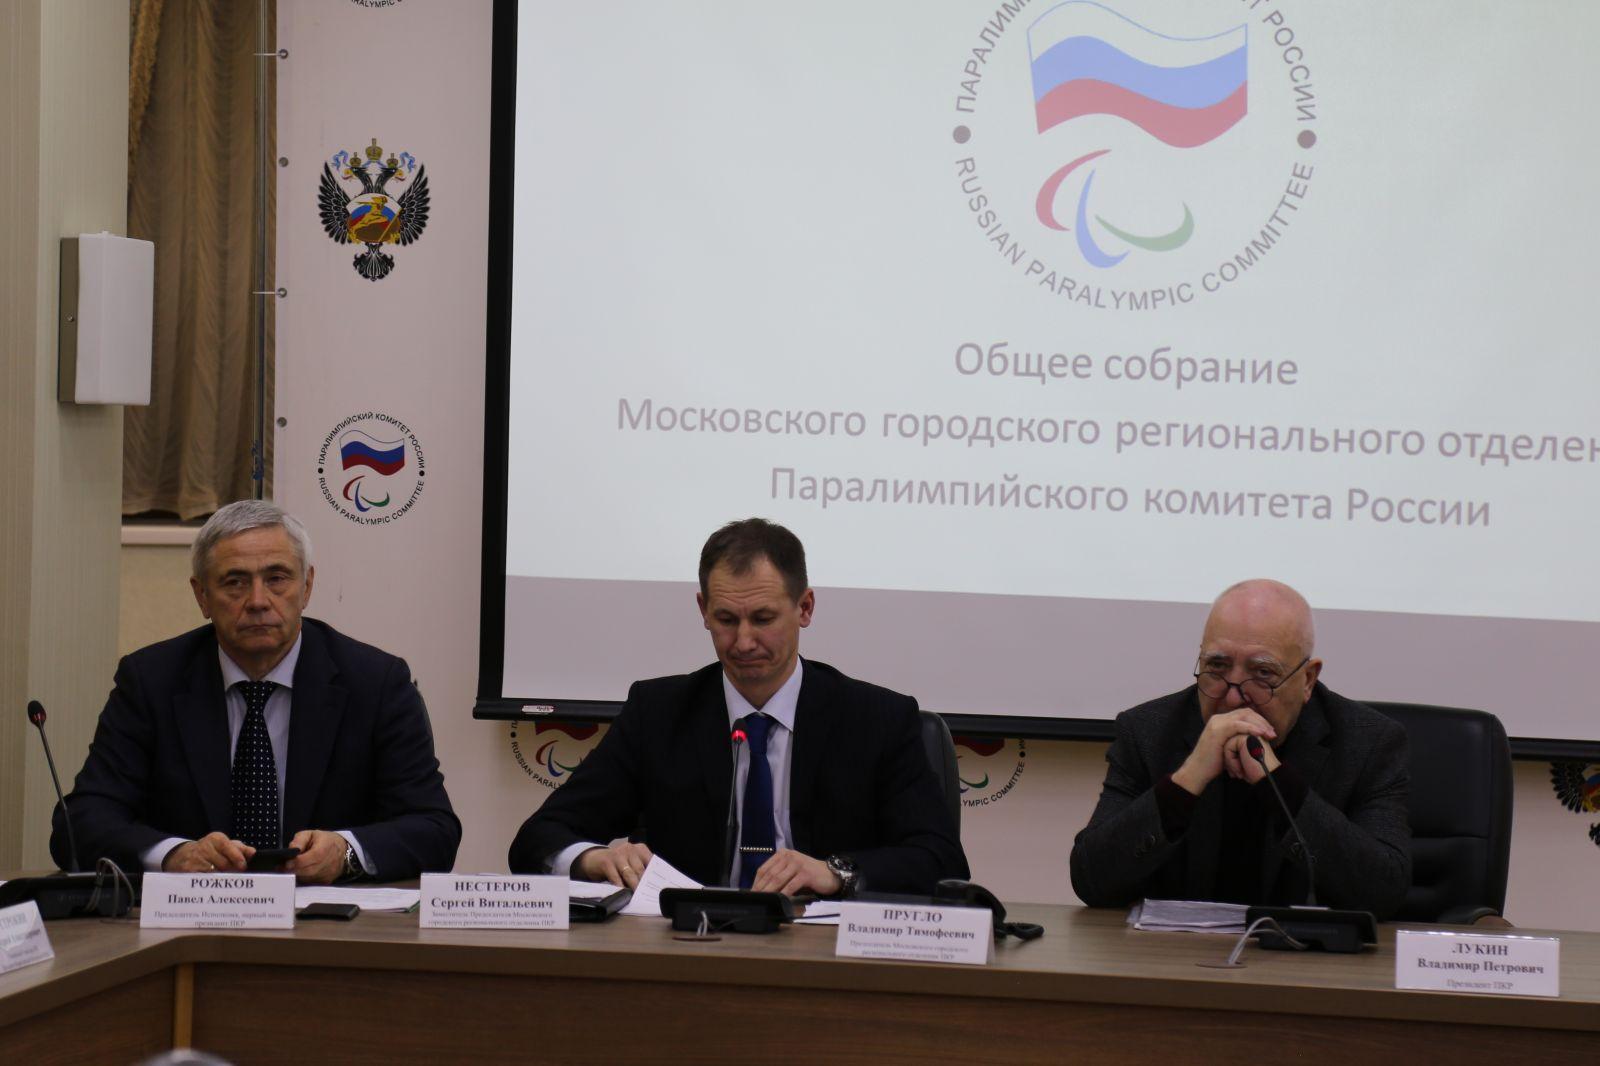 Руководители ПКР приняли участие в общем собрании Московского городского регионального отделения ПКР